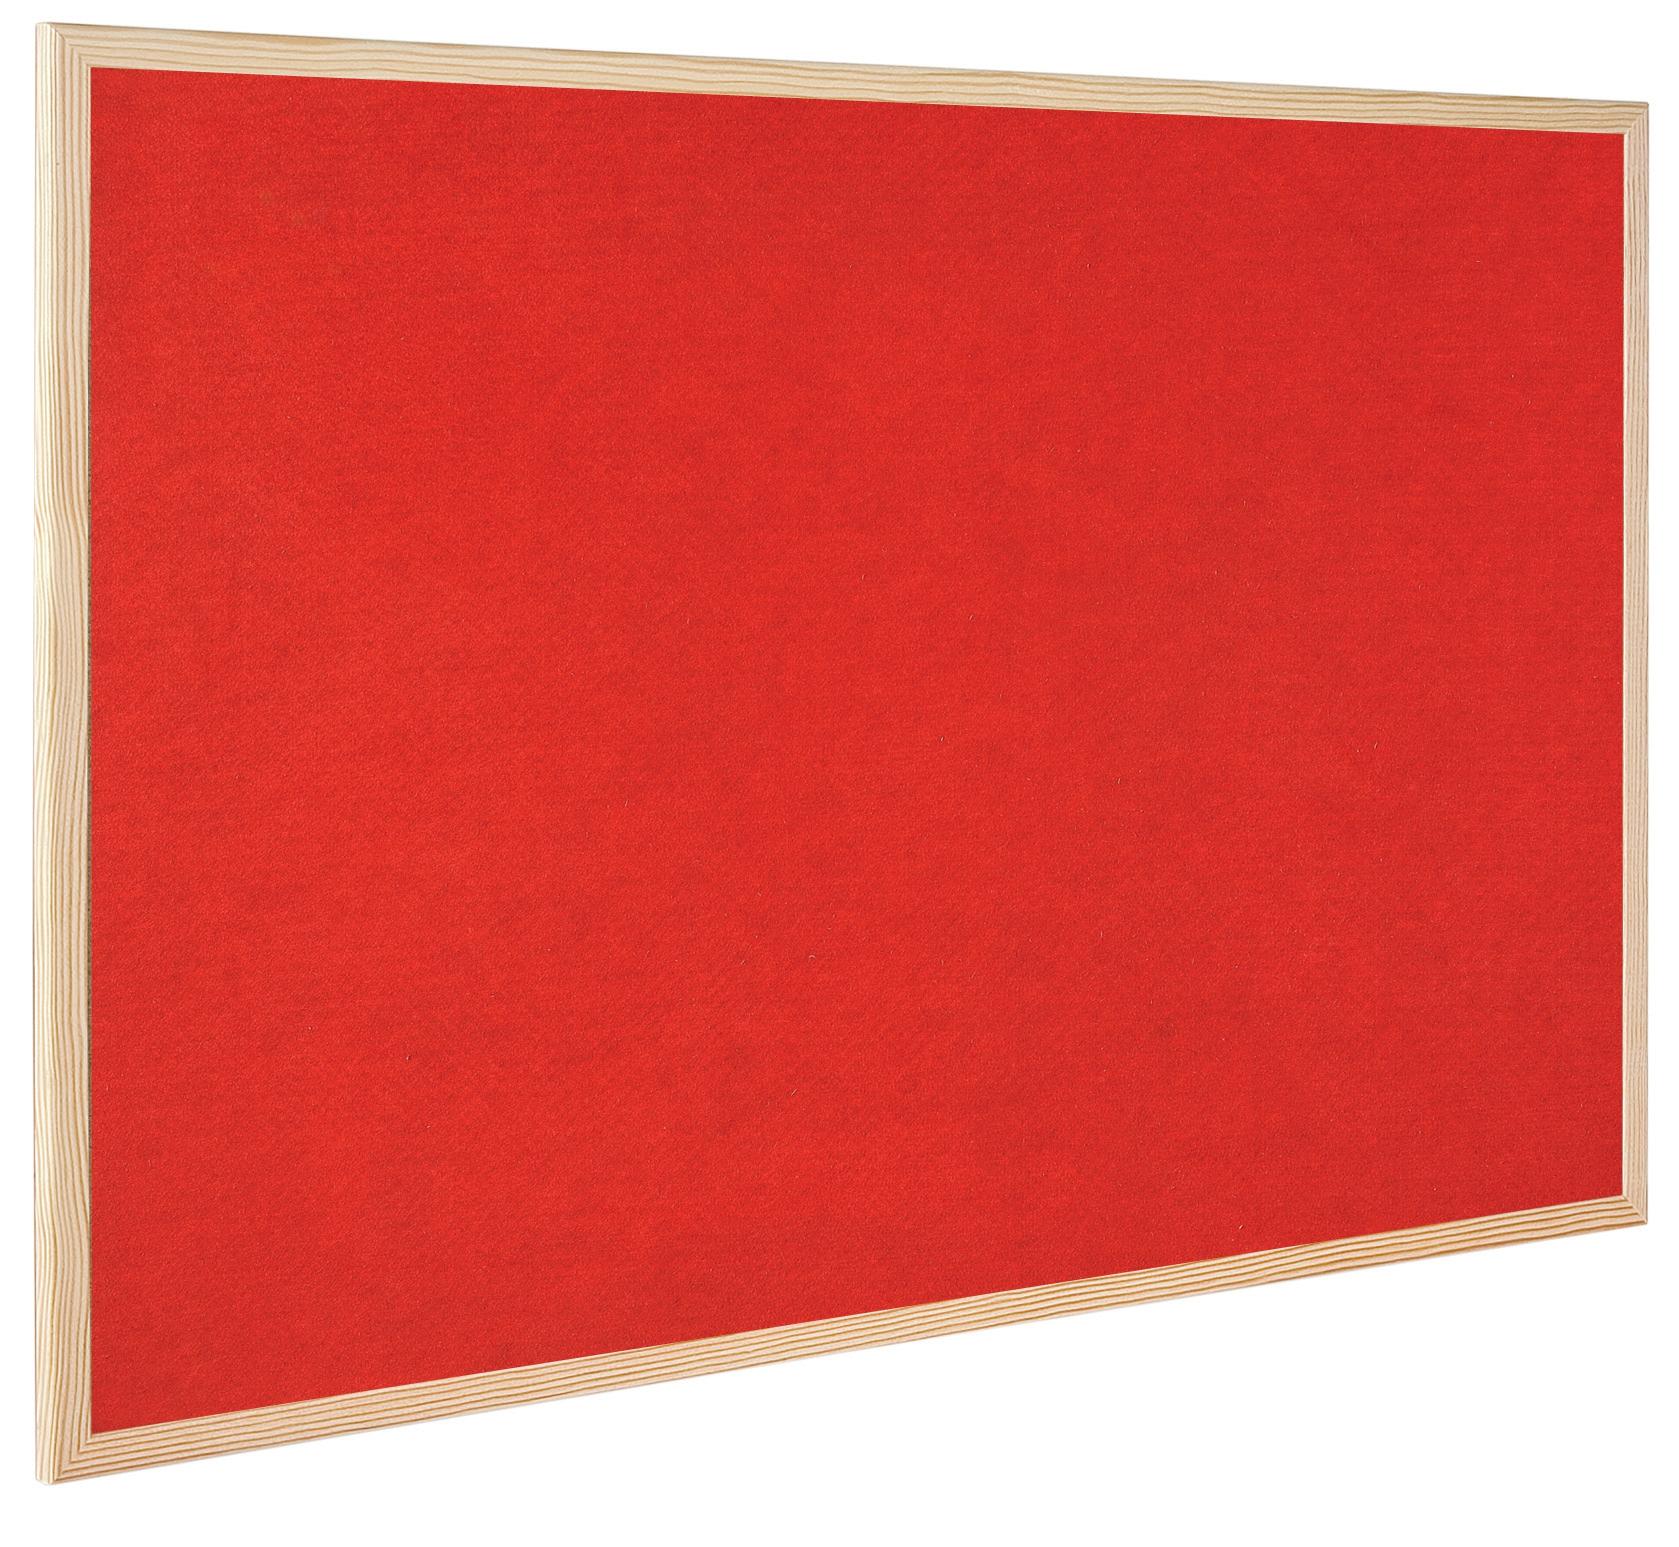 Bi-Office Cork/Felt Double-Sided Board 600 x 400mm (Pack of 1) FB0310010